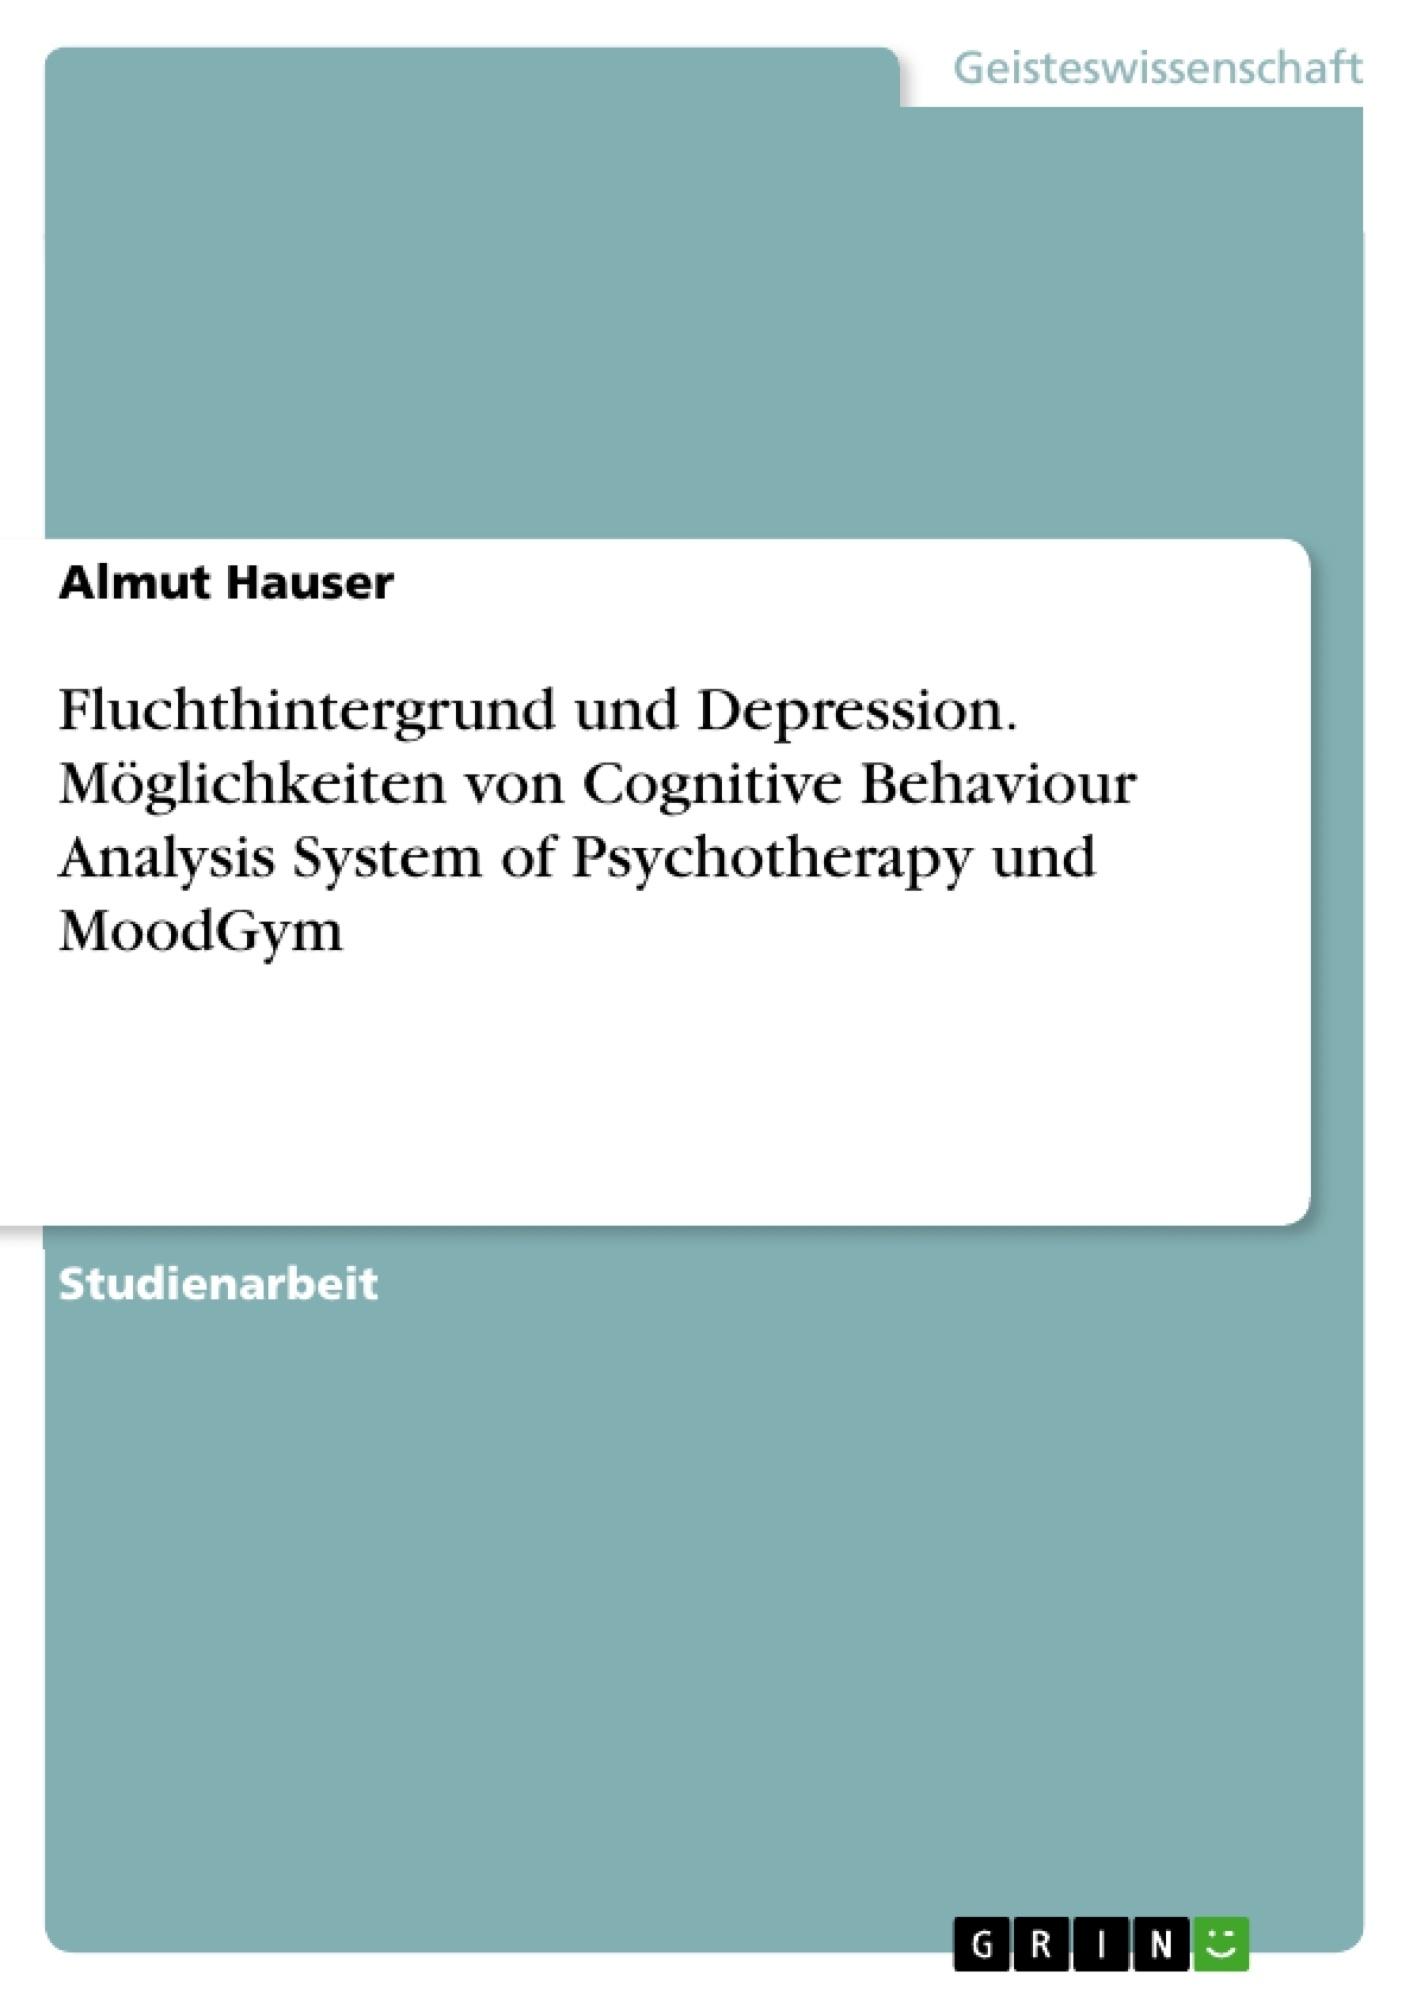 Titel: Fluchthintergrund und Depression. Möglichkeiten von Cognitive Behaviour Analysis System of Psychotherapy und MoodGym